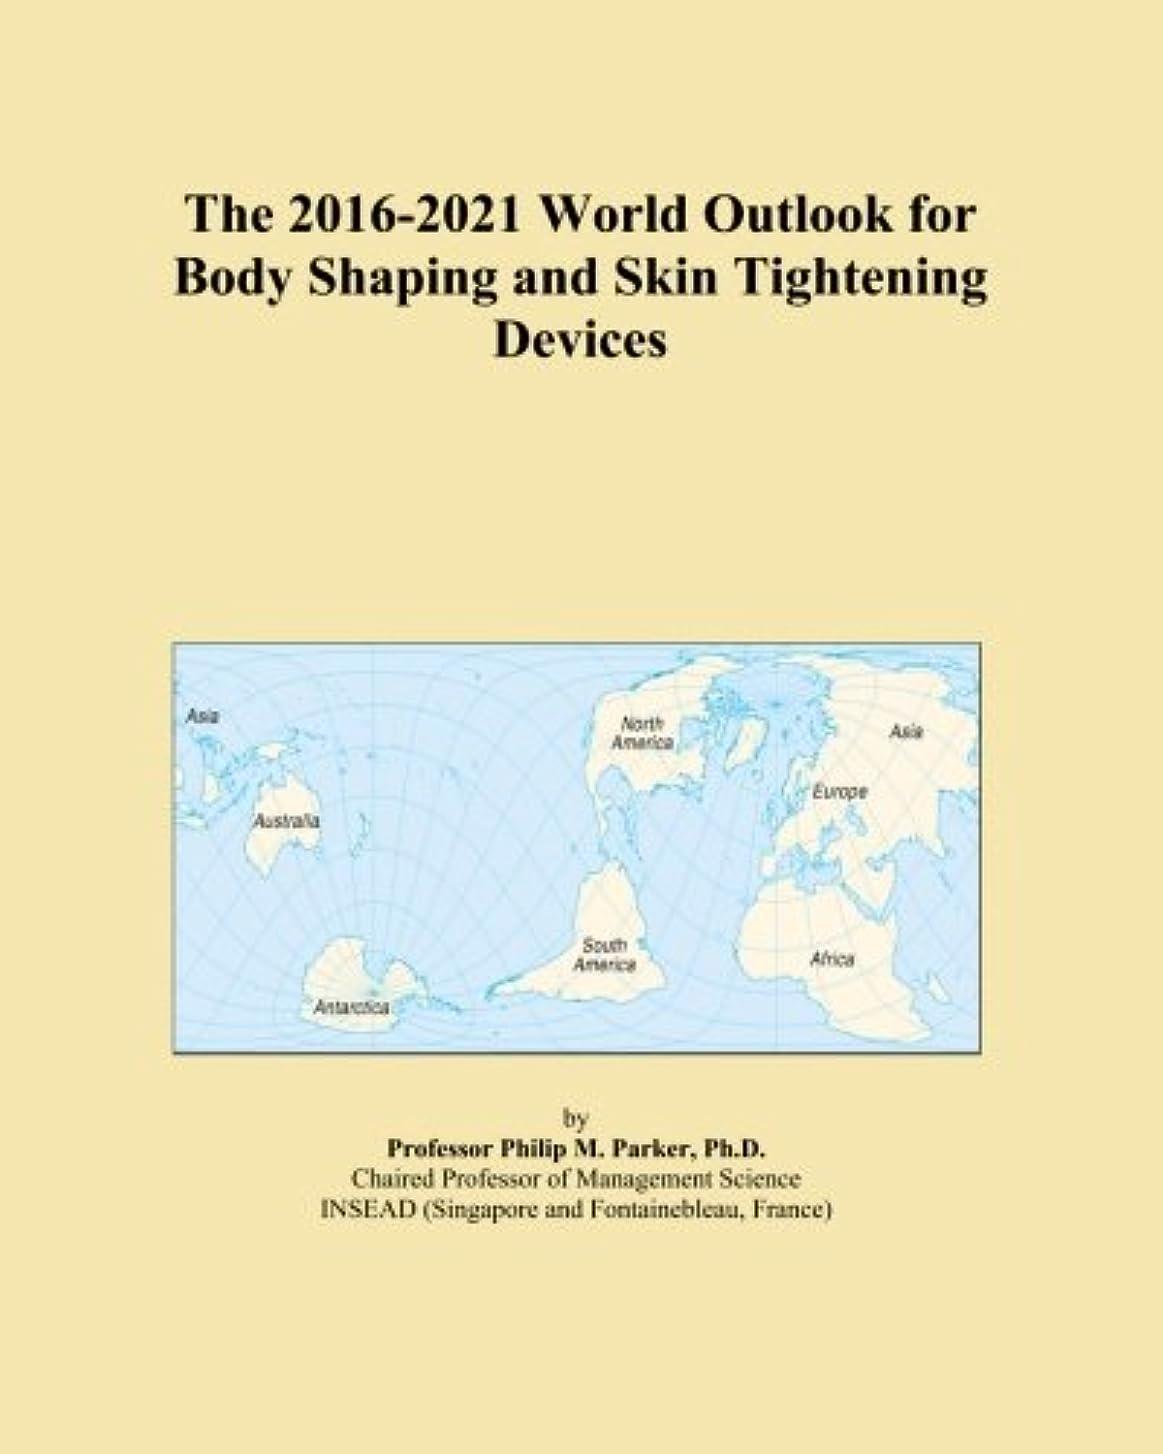 宿題正午拾うThe 2016-2021 World Outlook for Body Shaping and Skin Tightening Devices